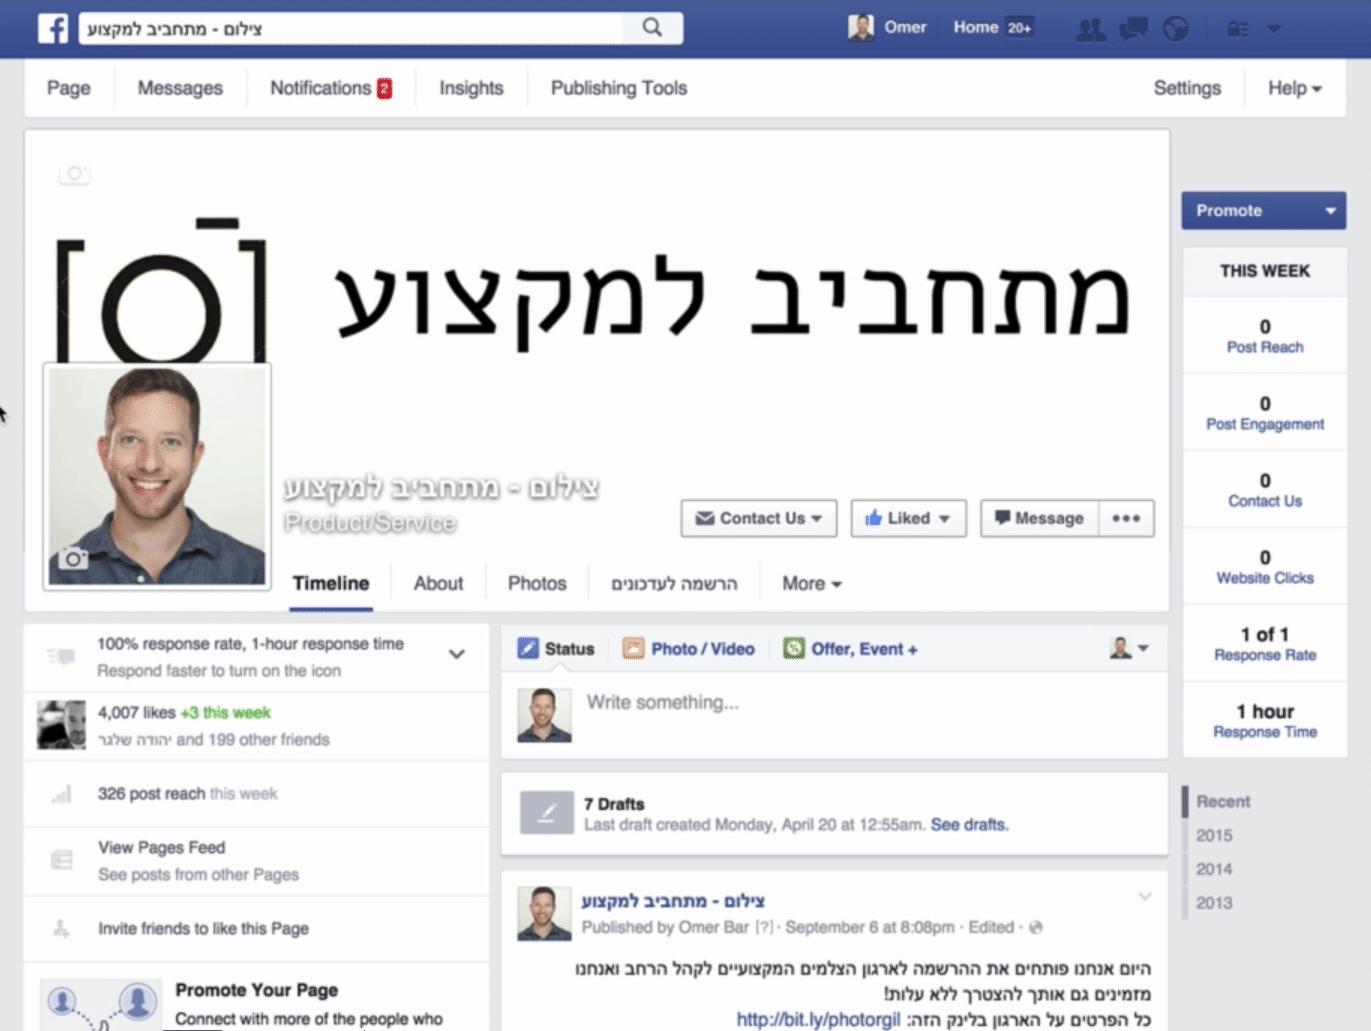 דף עסקי בפייסבוק - צילום מתחביב למקצוע